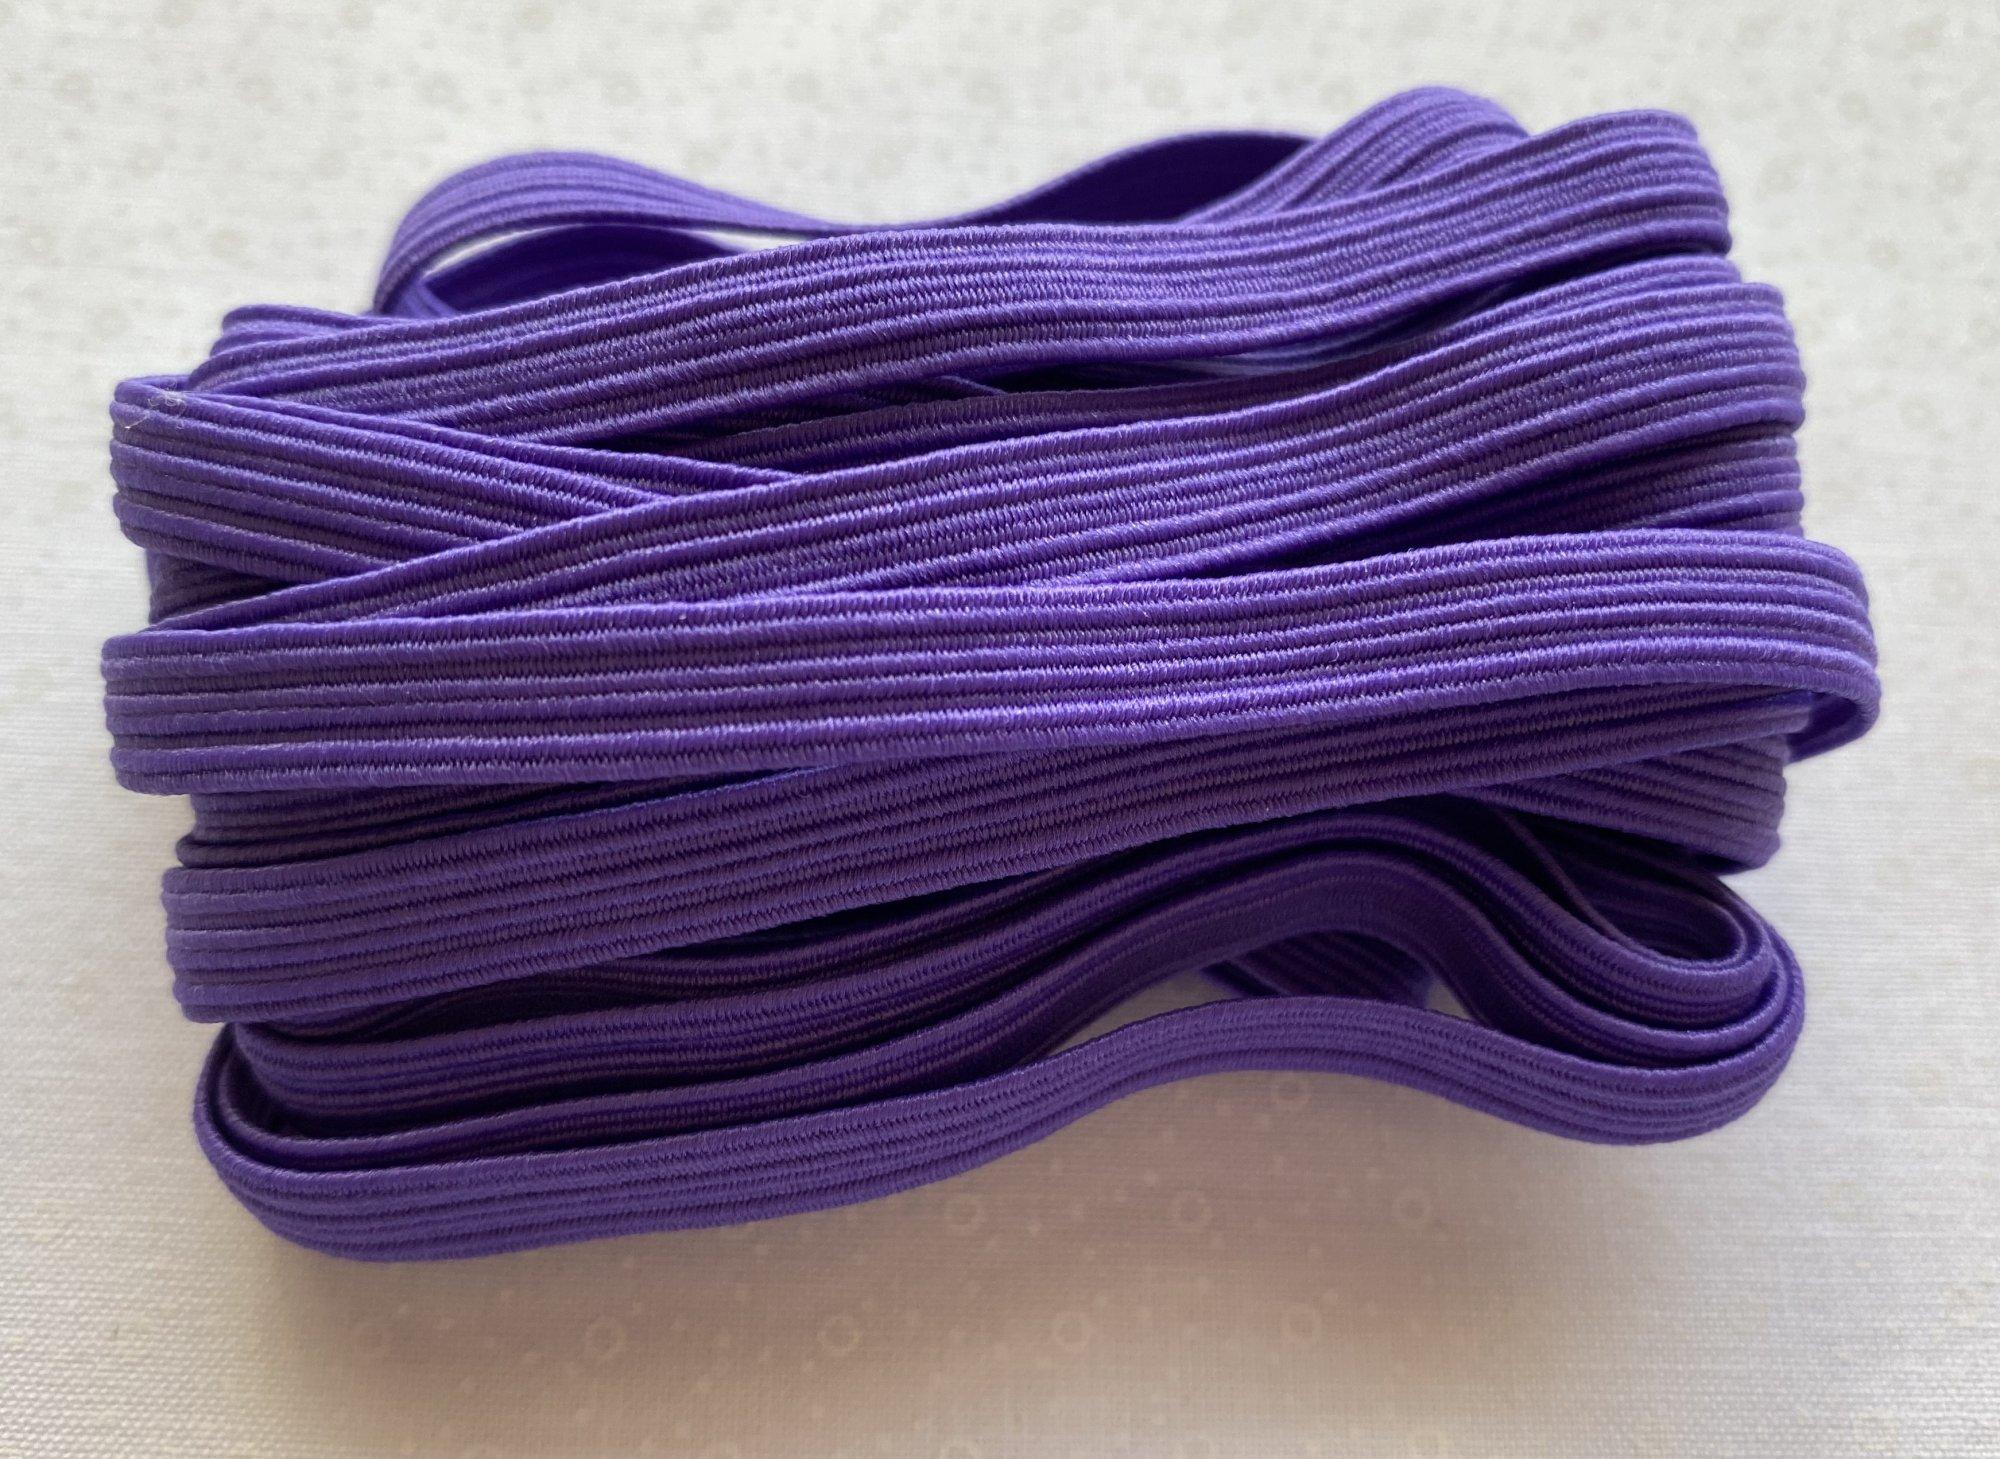 Gypsy Quilter Flat Purple Elastic 1/4 x 5 yards